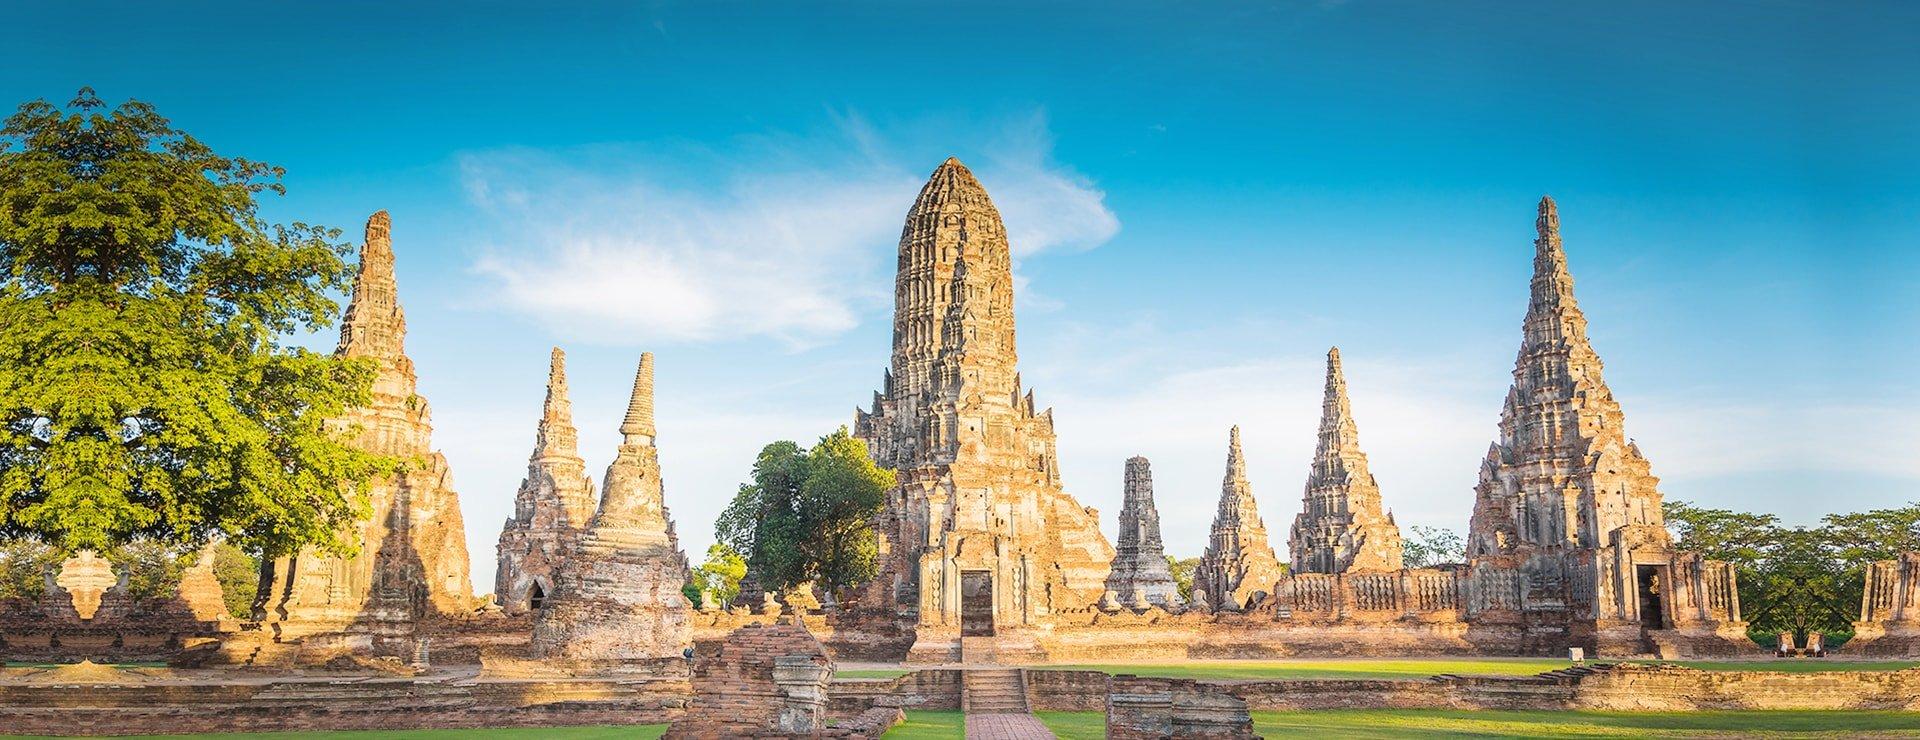 Landscape Ayutthaya Historical Park in Ayutthaya Thailand